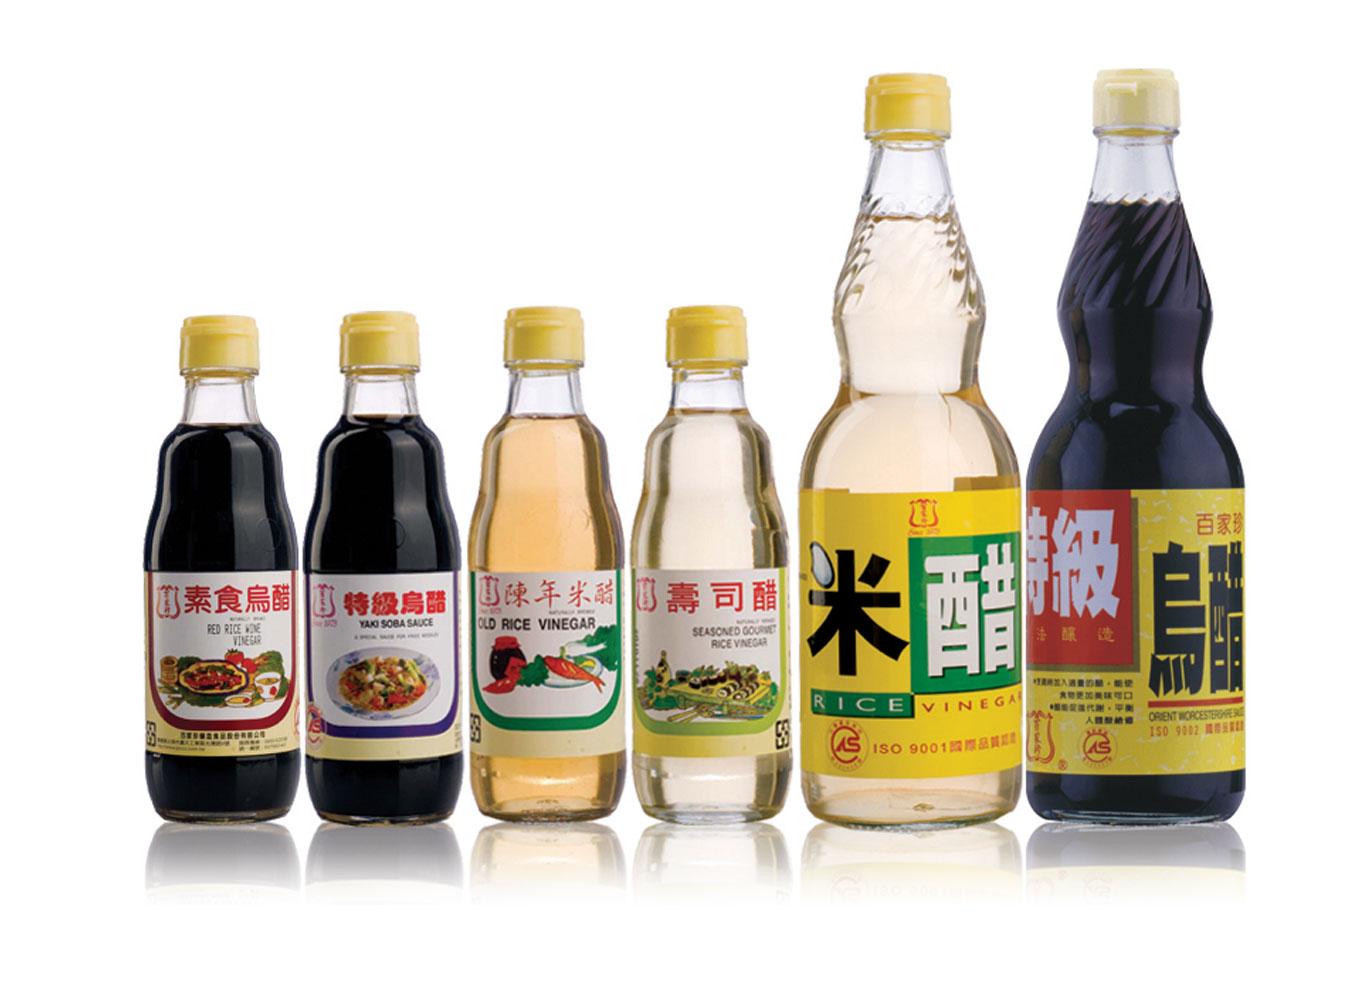 亞洲食品資訊網-Asia Food News > Manufactures > > > PAI CHIA